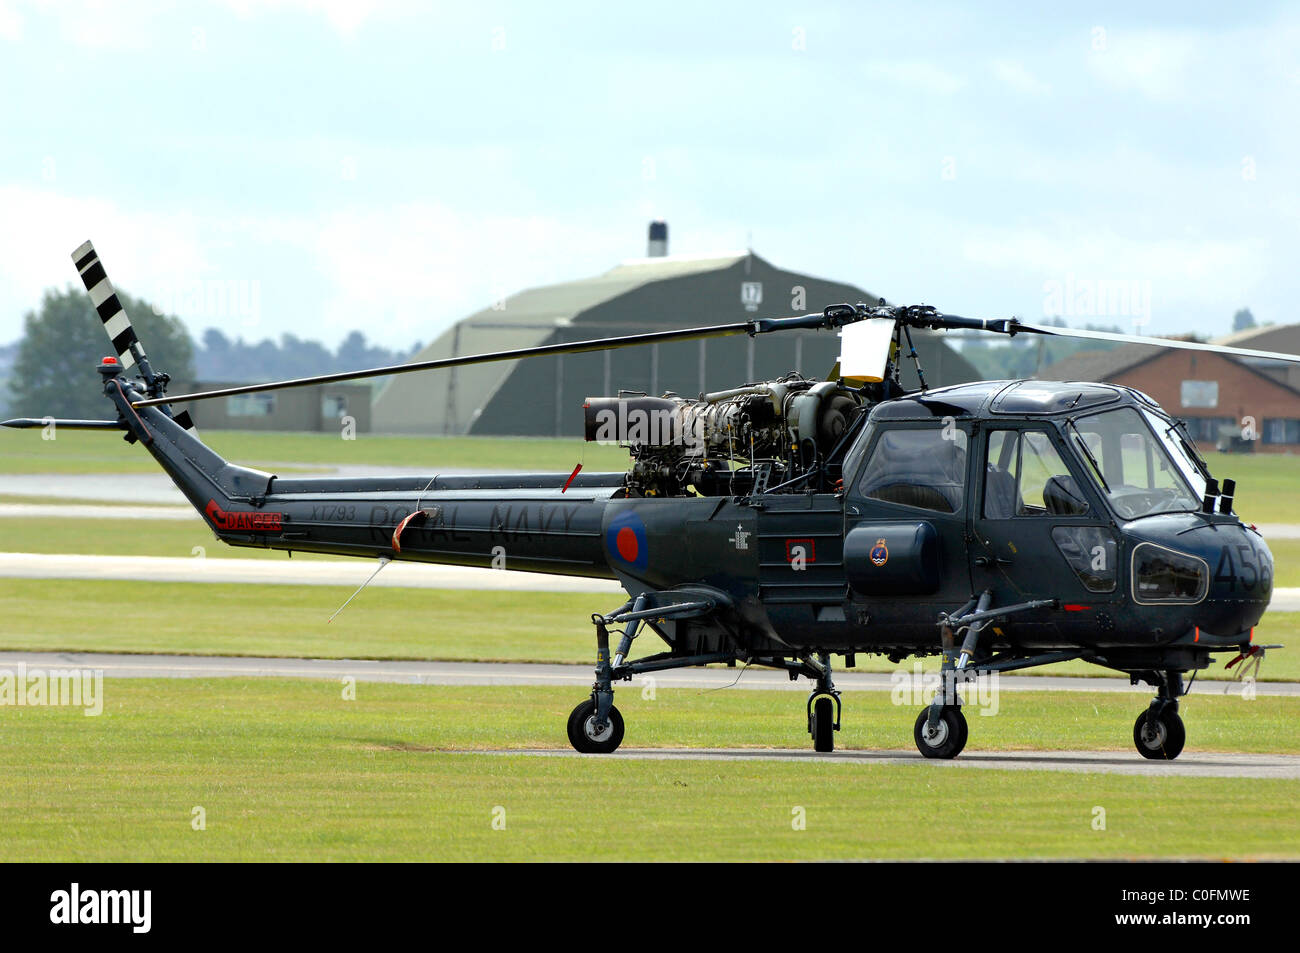 Helicopter, Westland Wasp anti-submarine helicopter - Stock Image